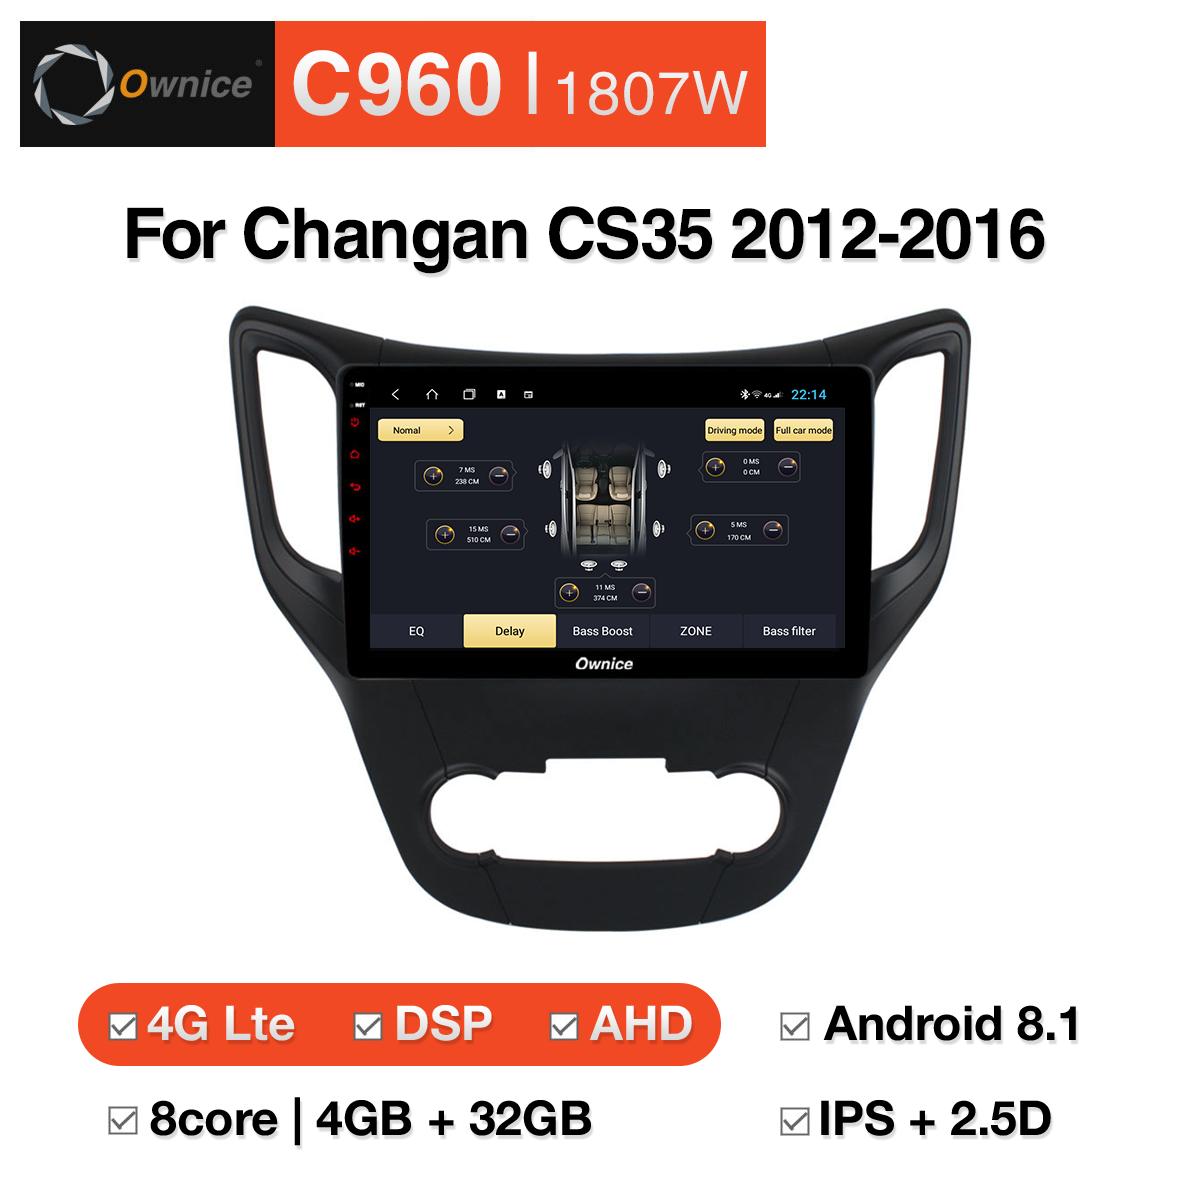 Đầu DVD android Ownice C960 cho xe ô tô Changan CS35 2012 - 2016:: OL-1807W